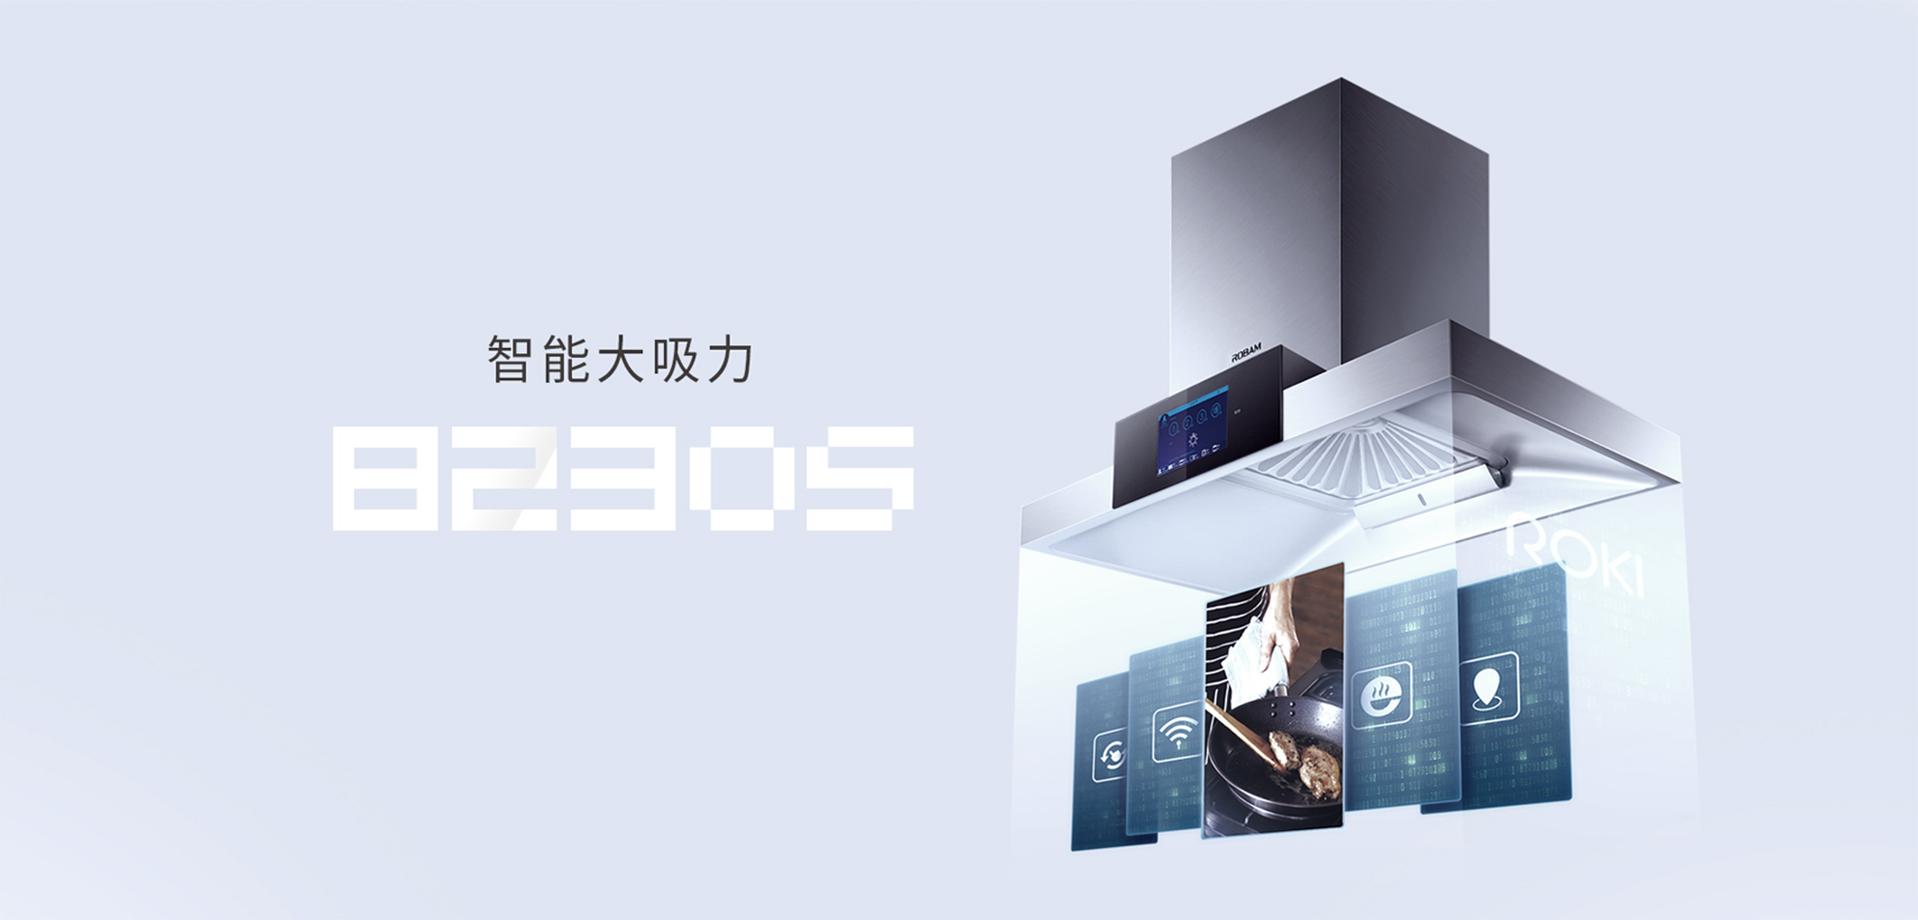 8230s优化-PC_02.jpg